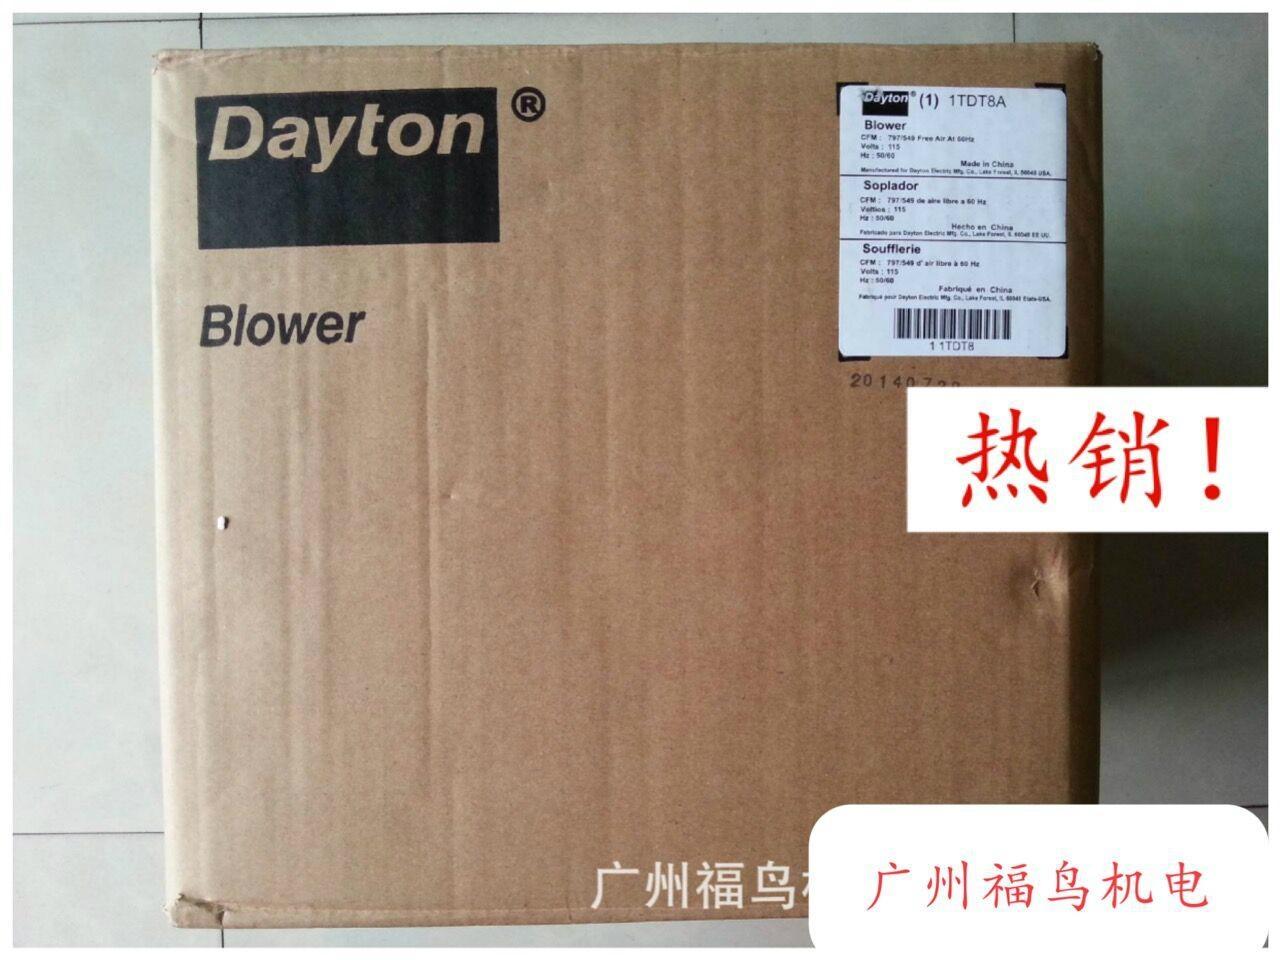 DAYTON风机  型号: 1TDT8, 1TDT8A.